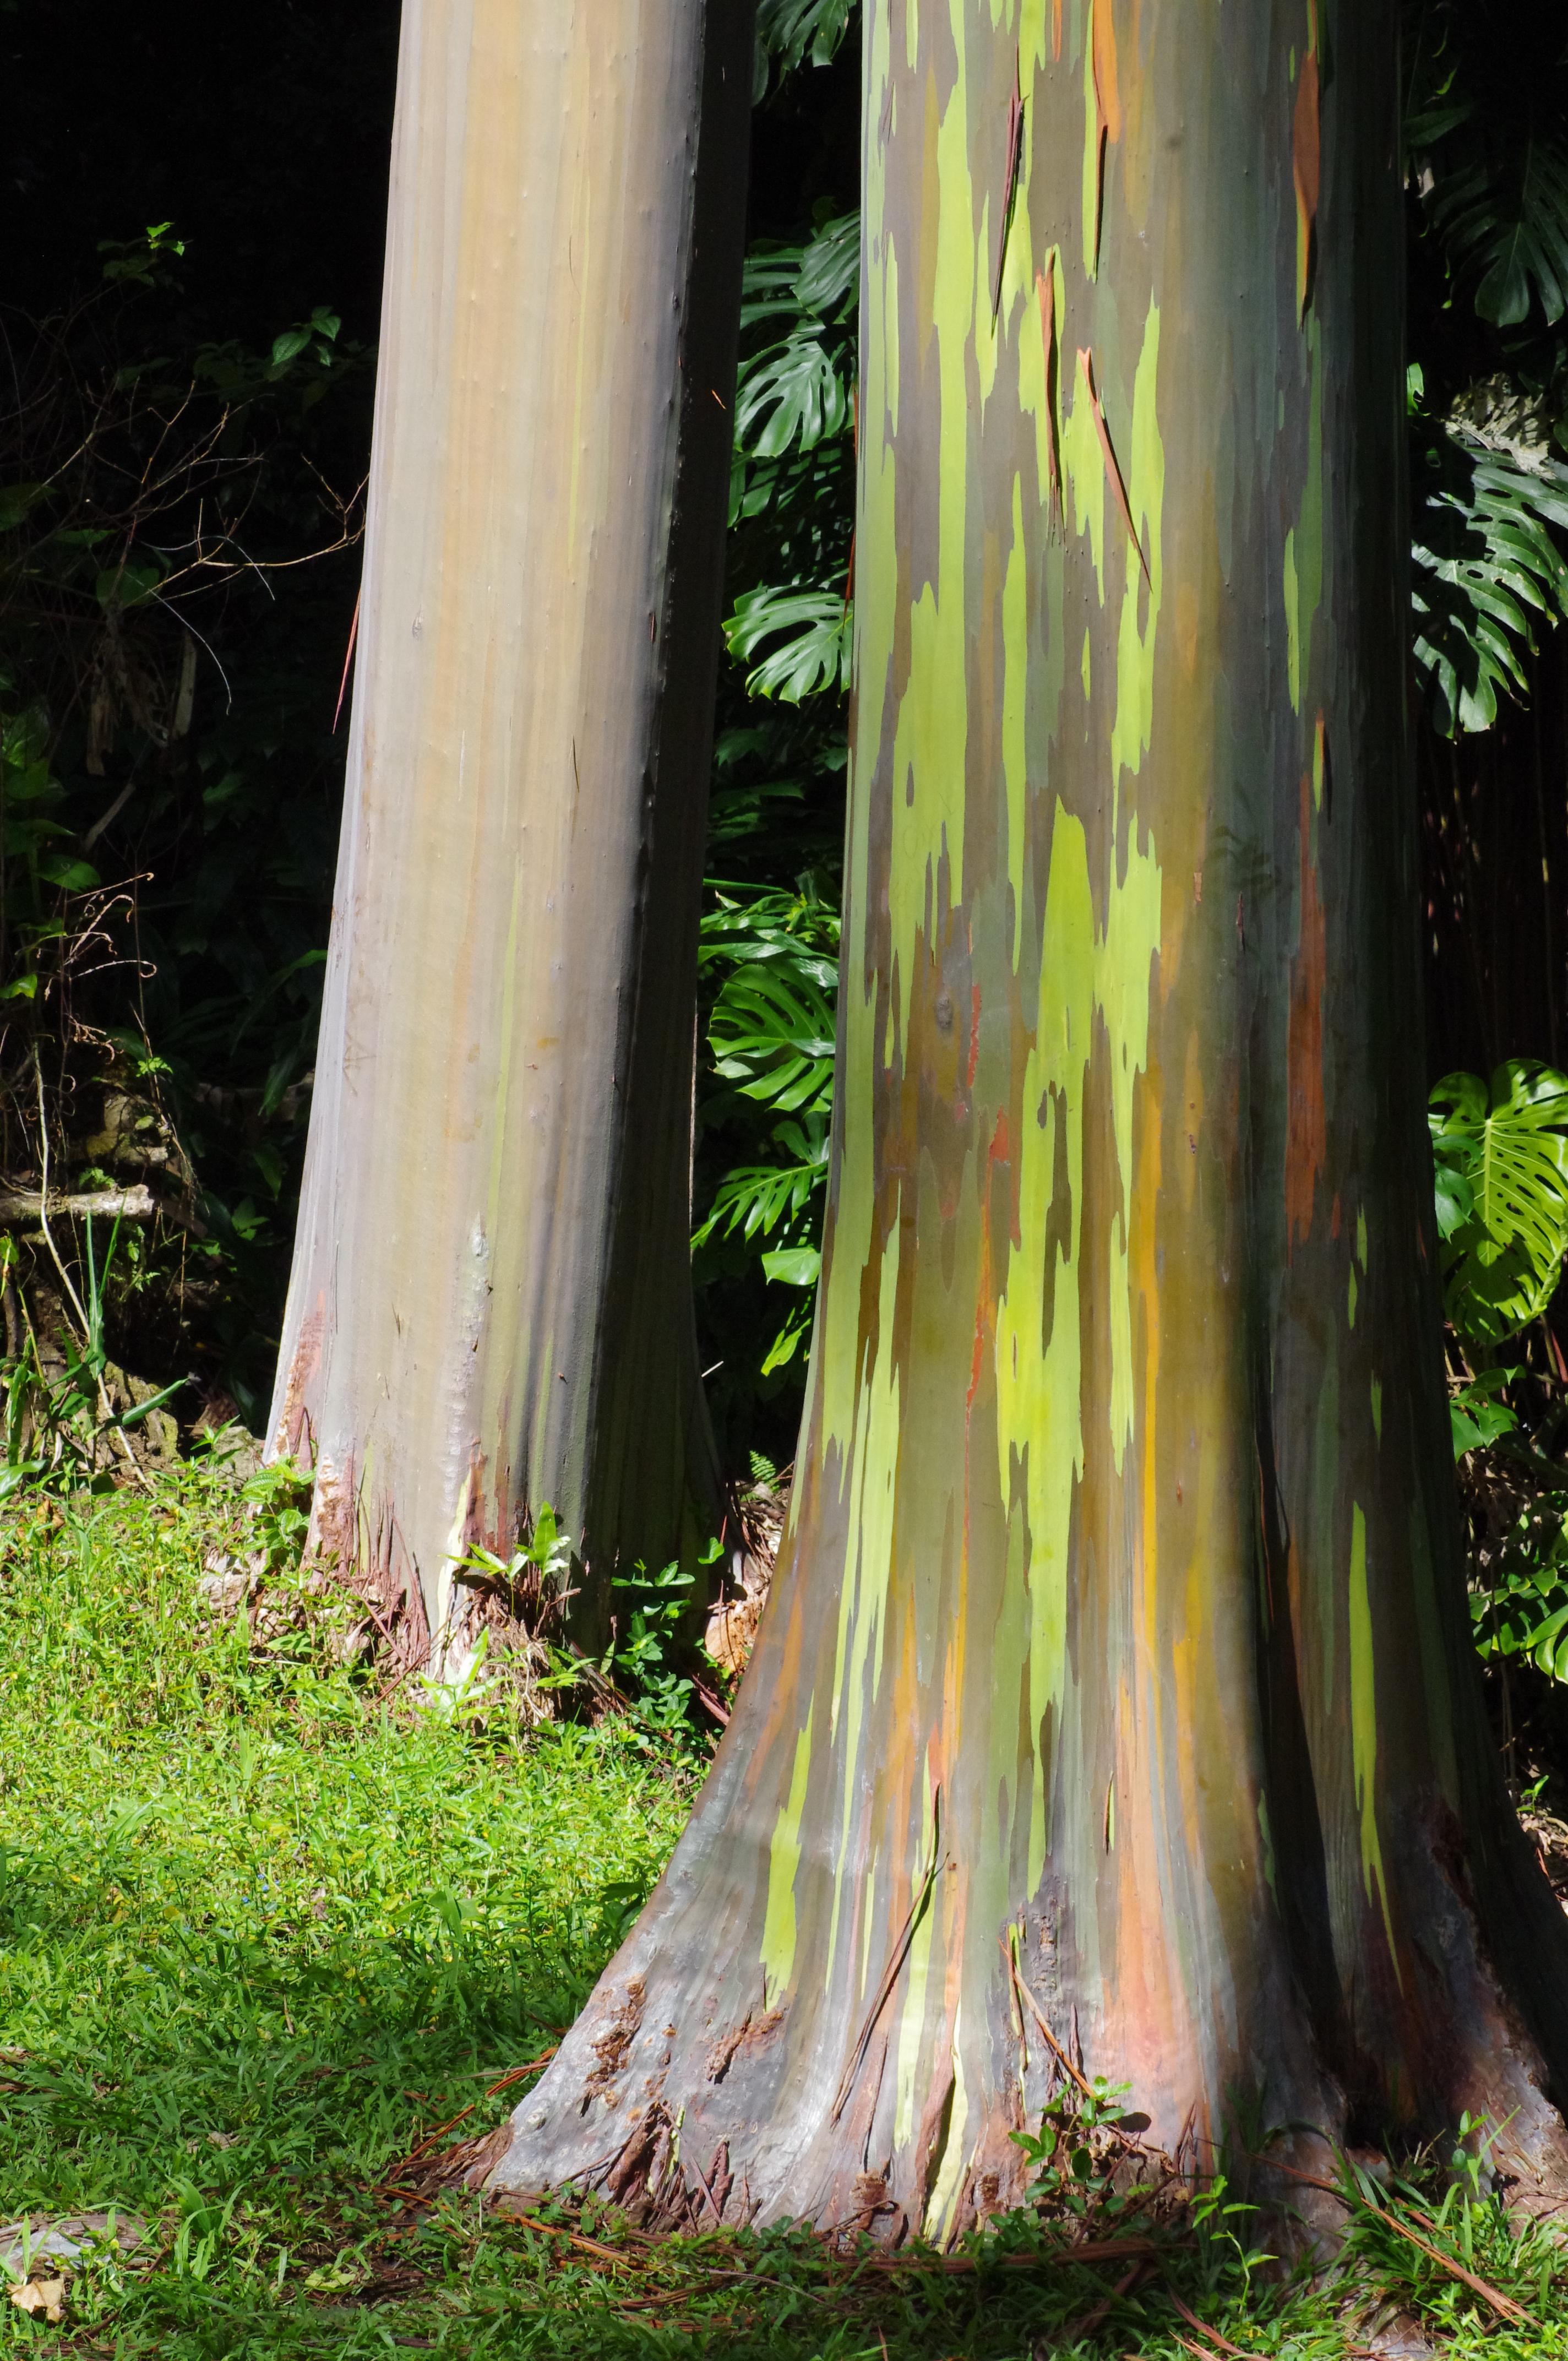 Rainbow Eucalyptus at Keanae Arboretum